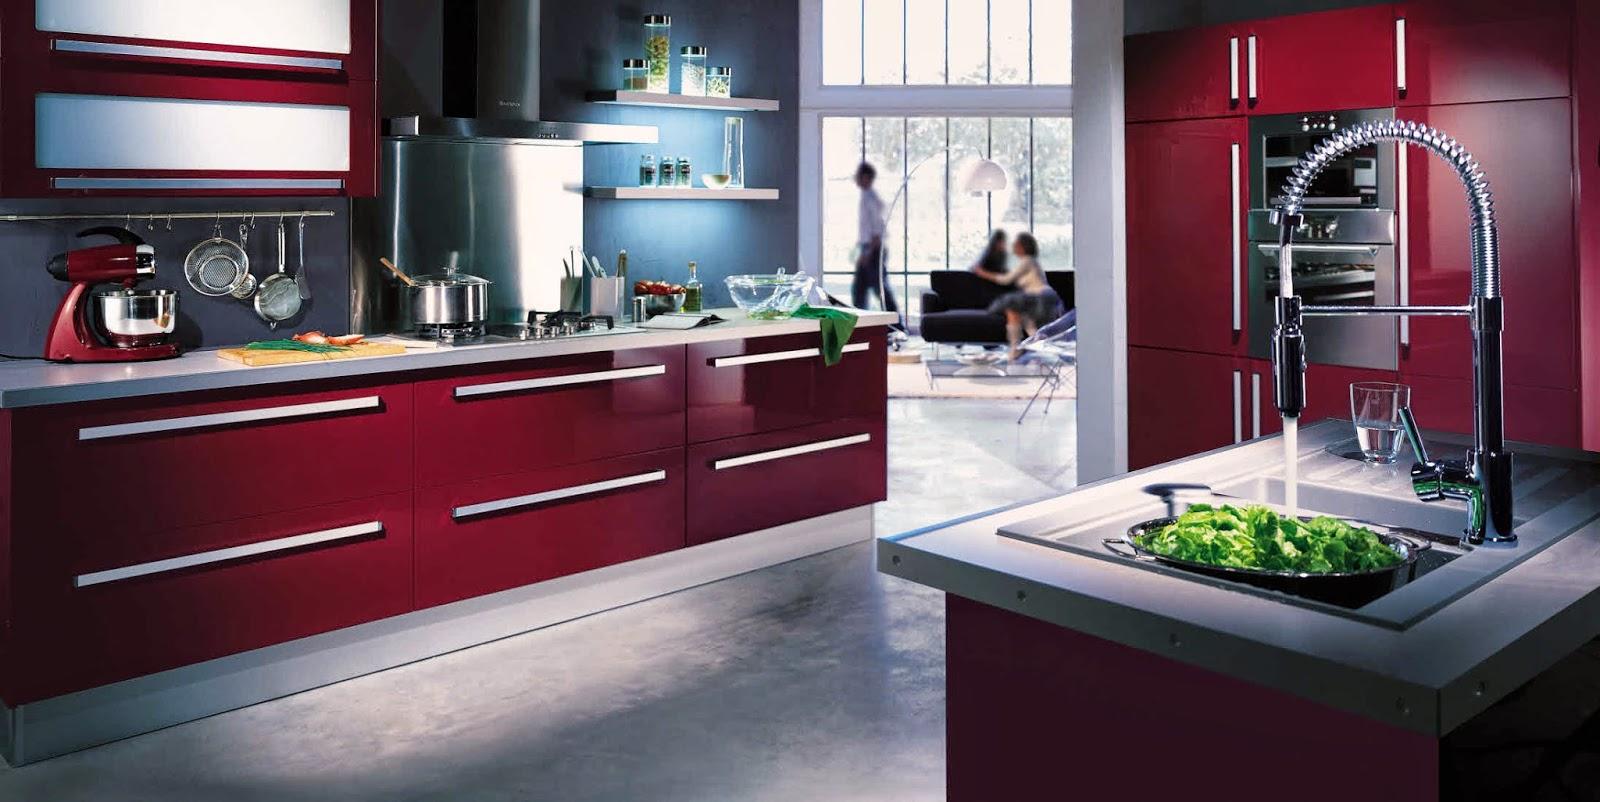 dessiner sa cuisine en ligne gratuit. Black Bedroom Furniture Sets. Home Design Ideas